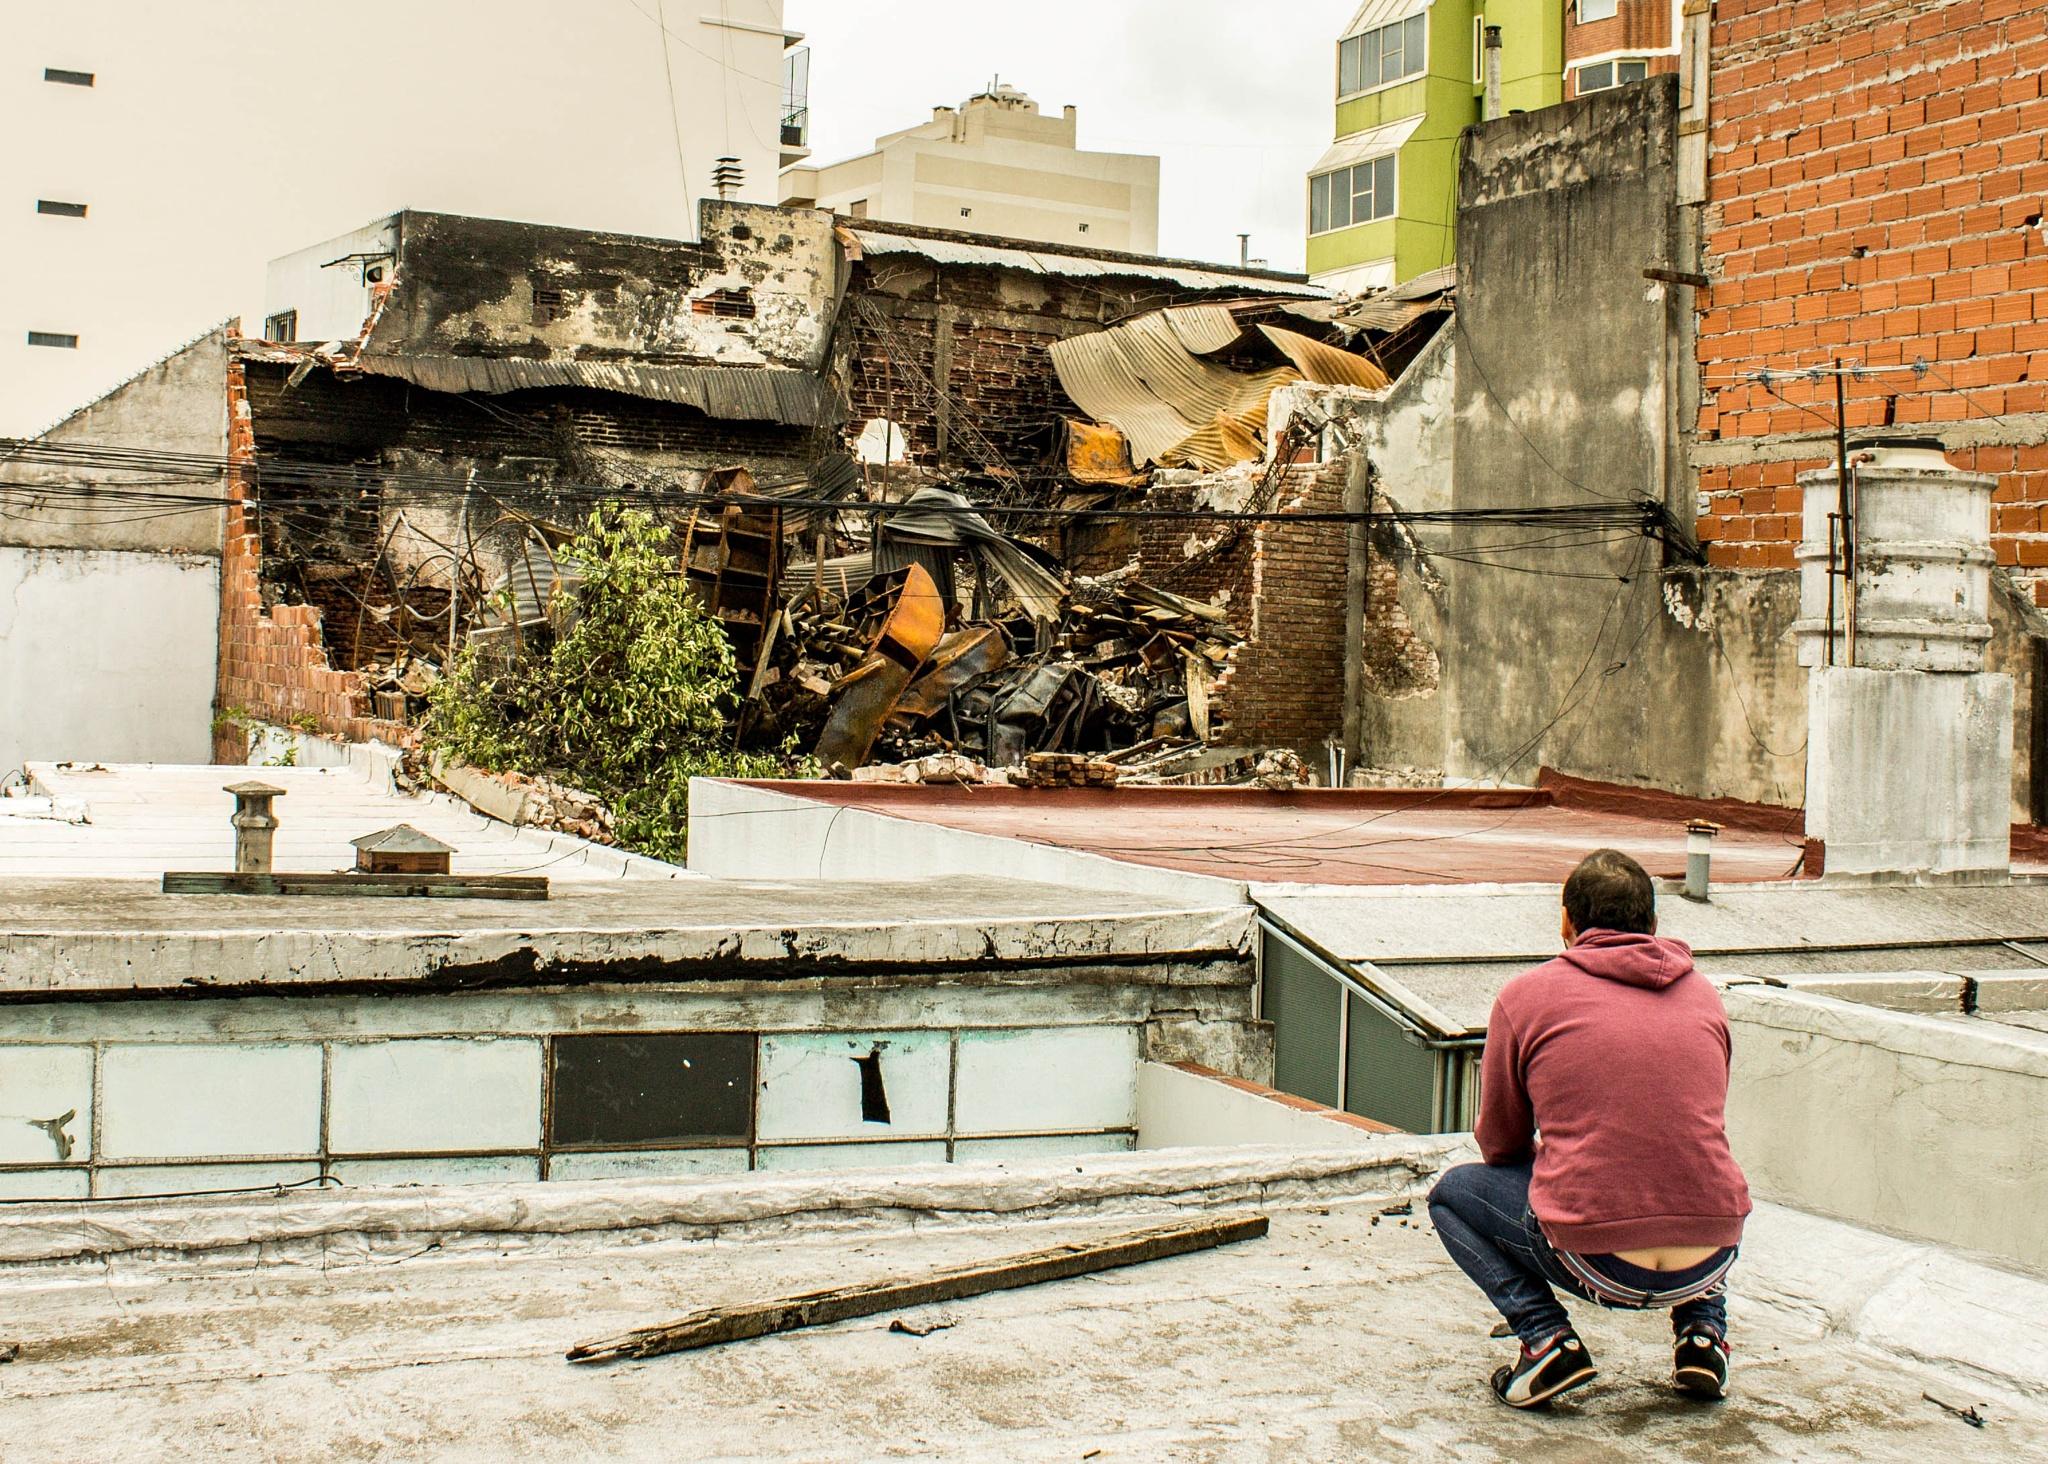 Fireass by Bohemio Bamba